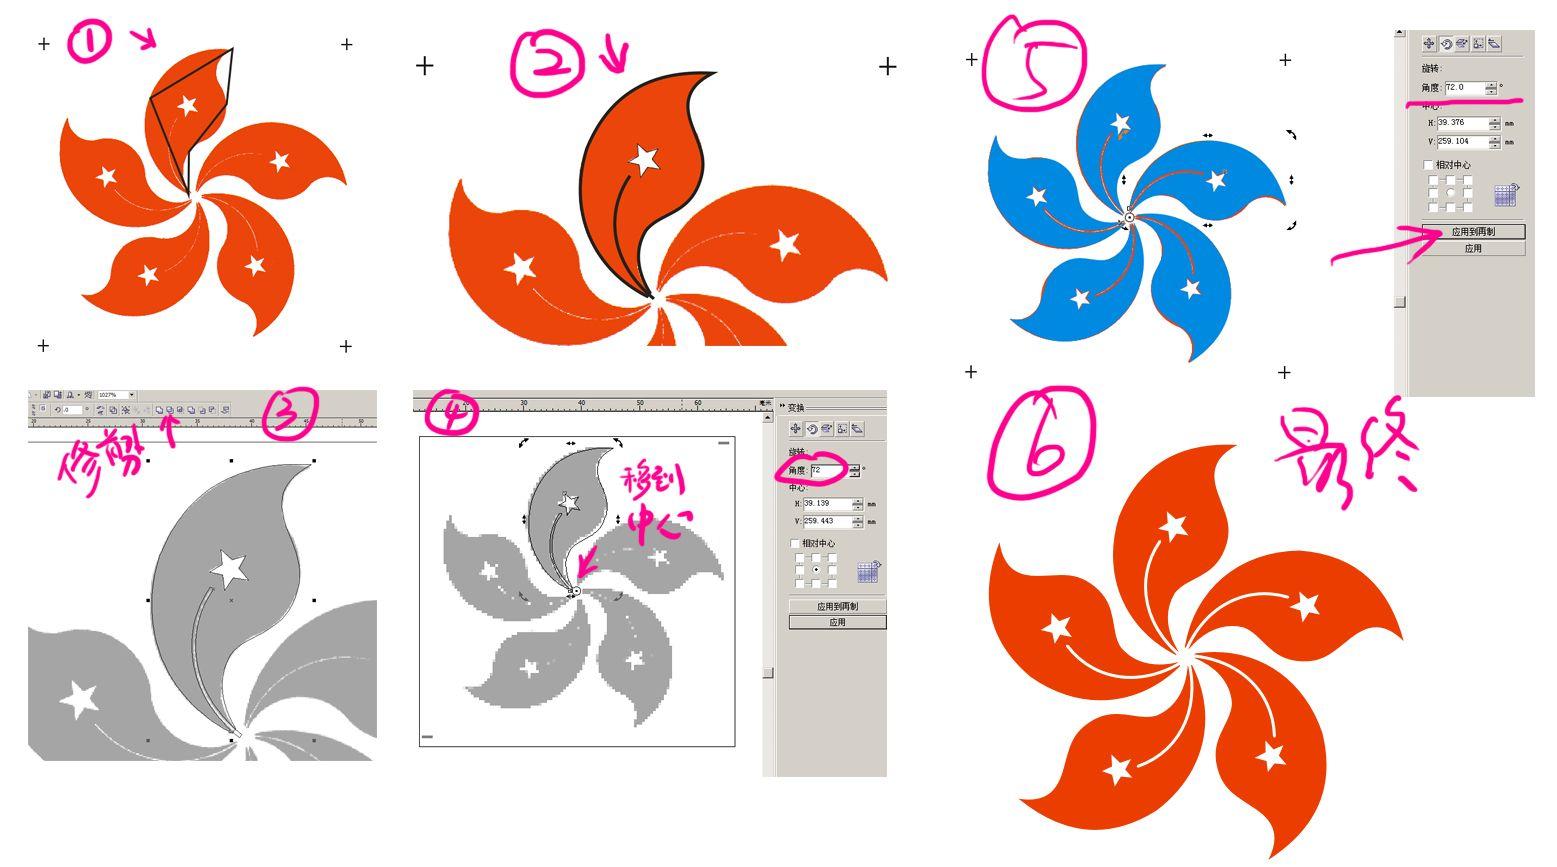 用coreldraw怎么画香港紫荆花图标图片